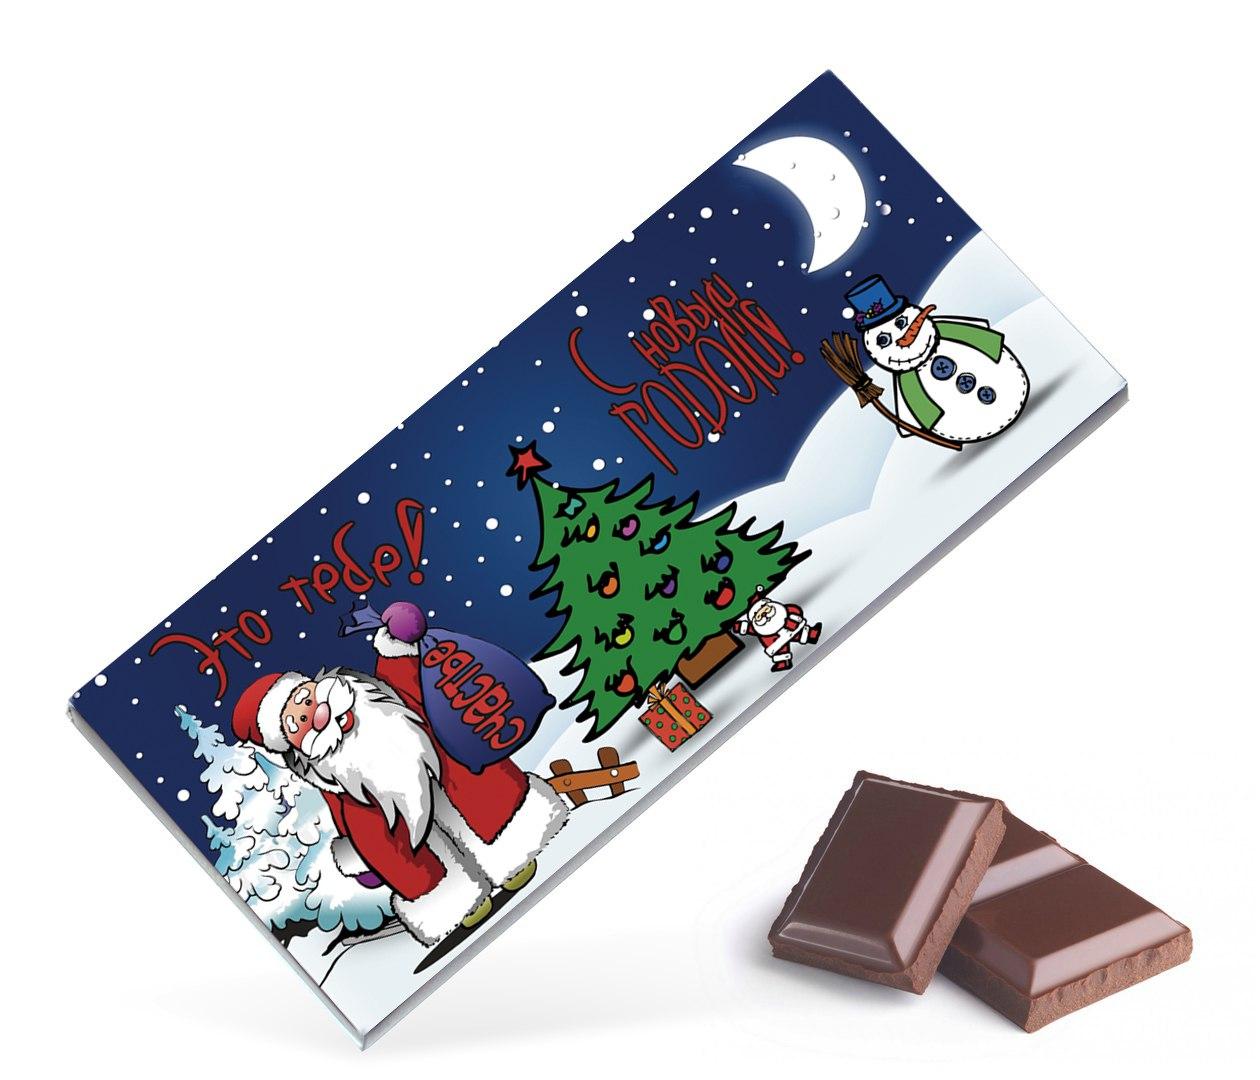 Прикольные картинки для шоколада, мужчиной